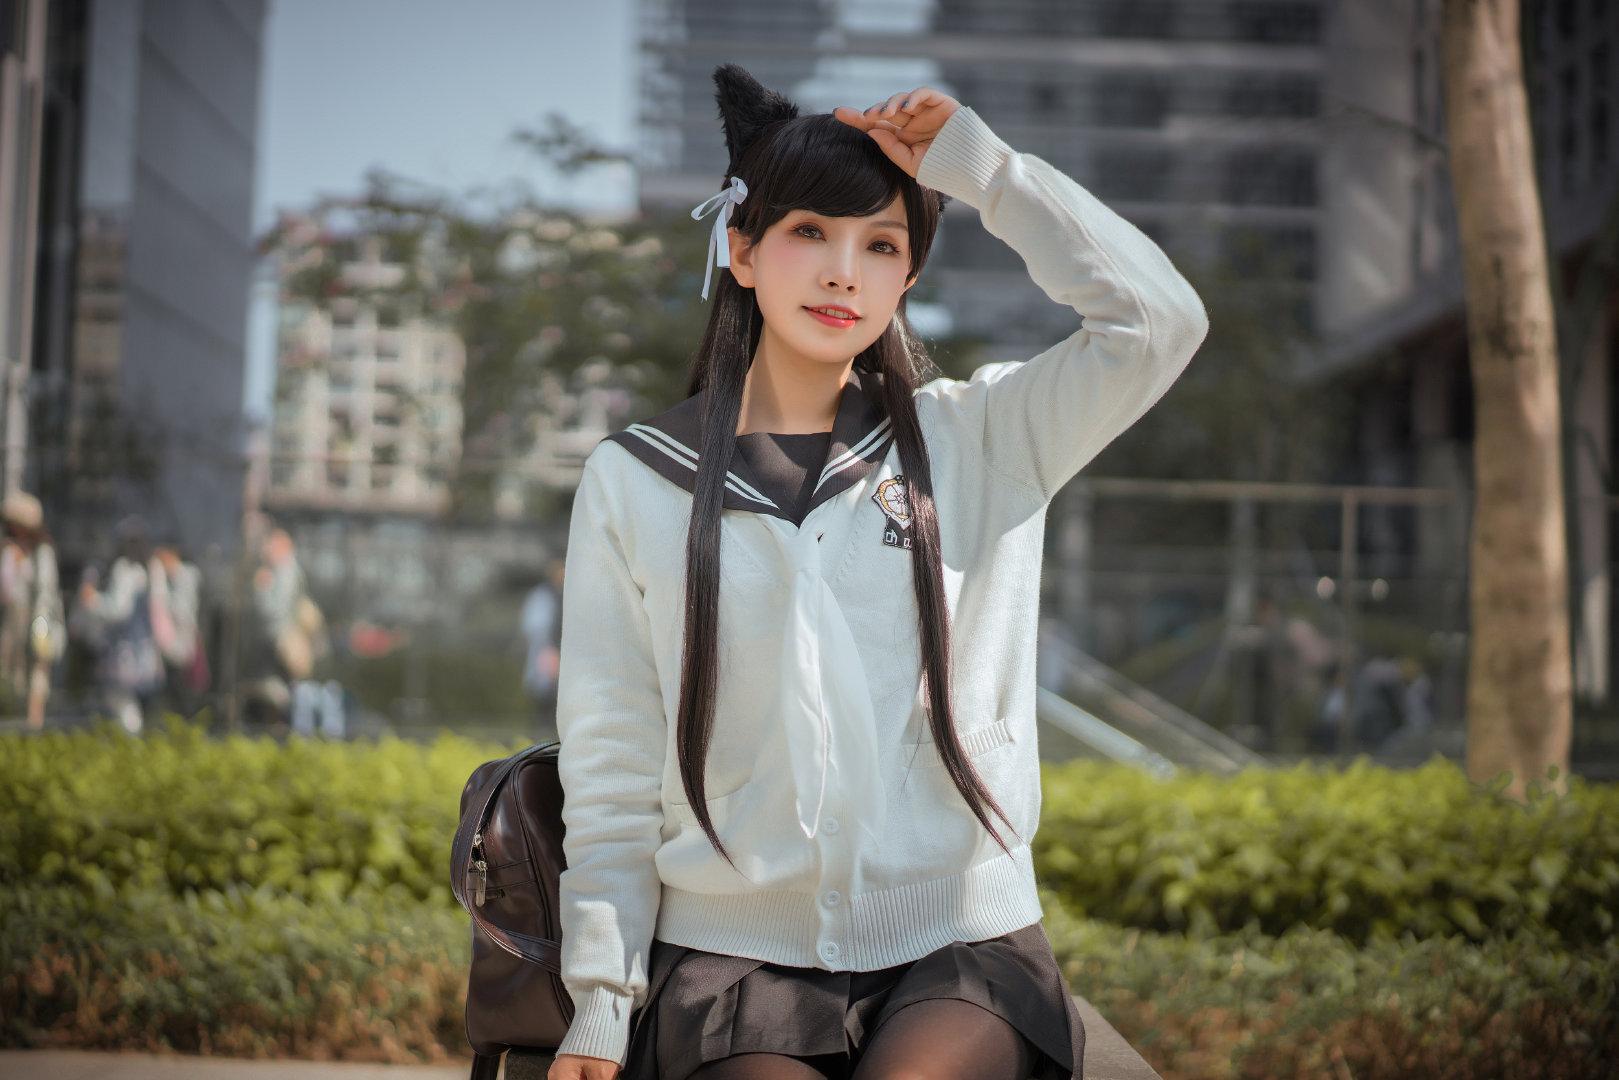 黑丝制服爱宕Cosplay Cosplay-第3张